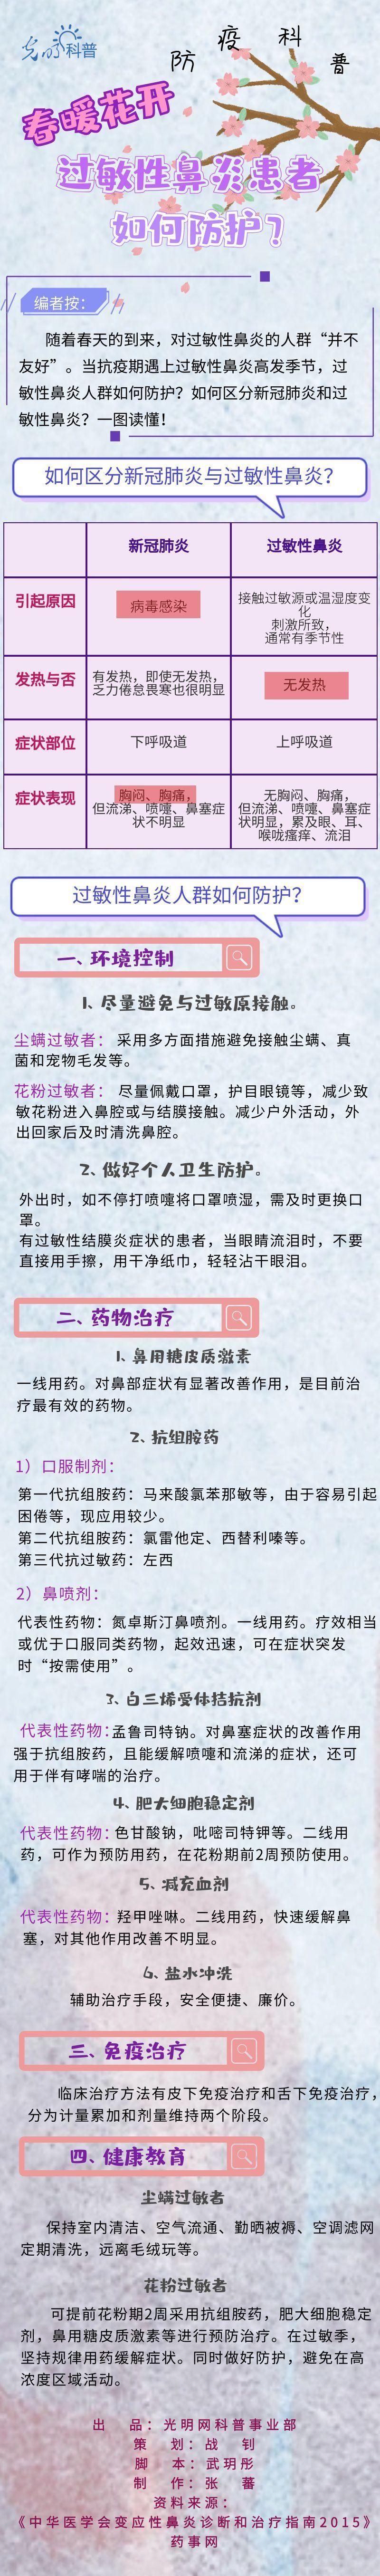 防疫科普:春暖花开,过敏性鼻炎患者如广州助孕何防护?